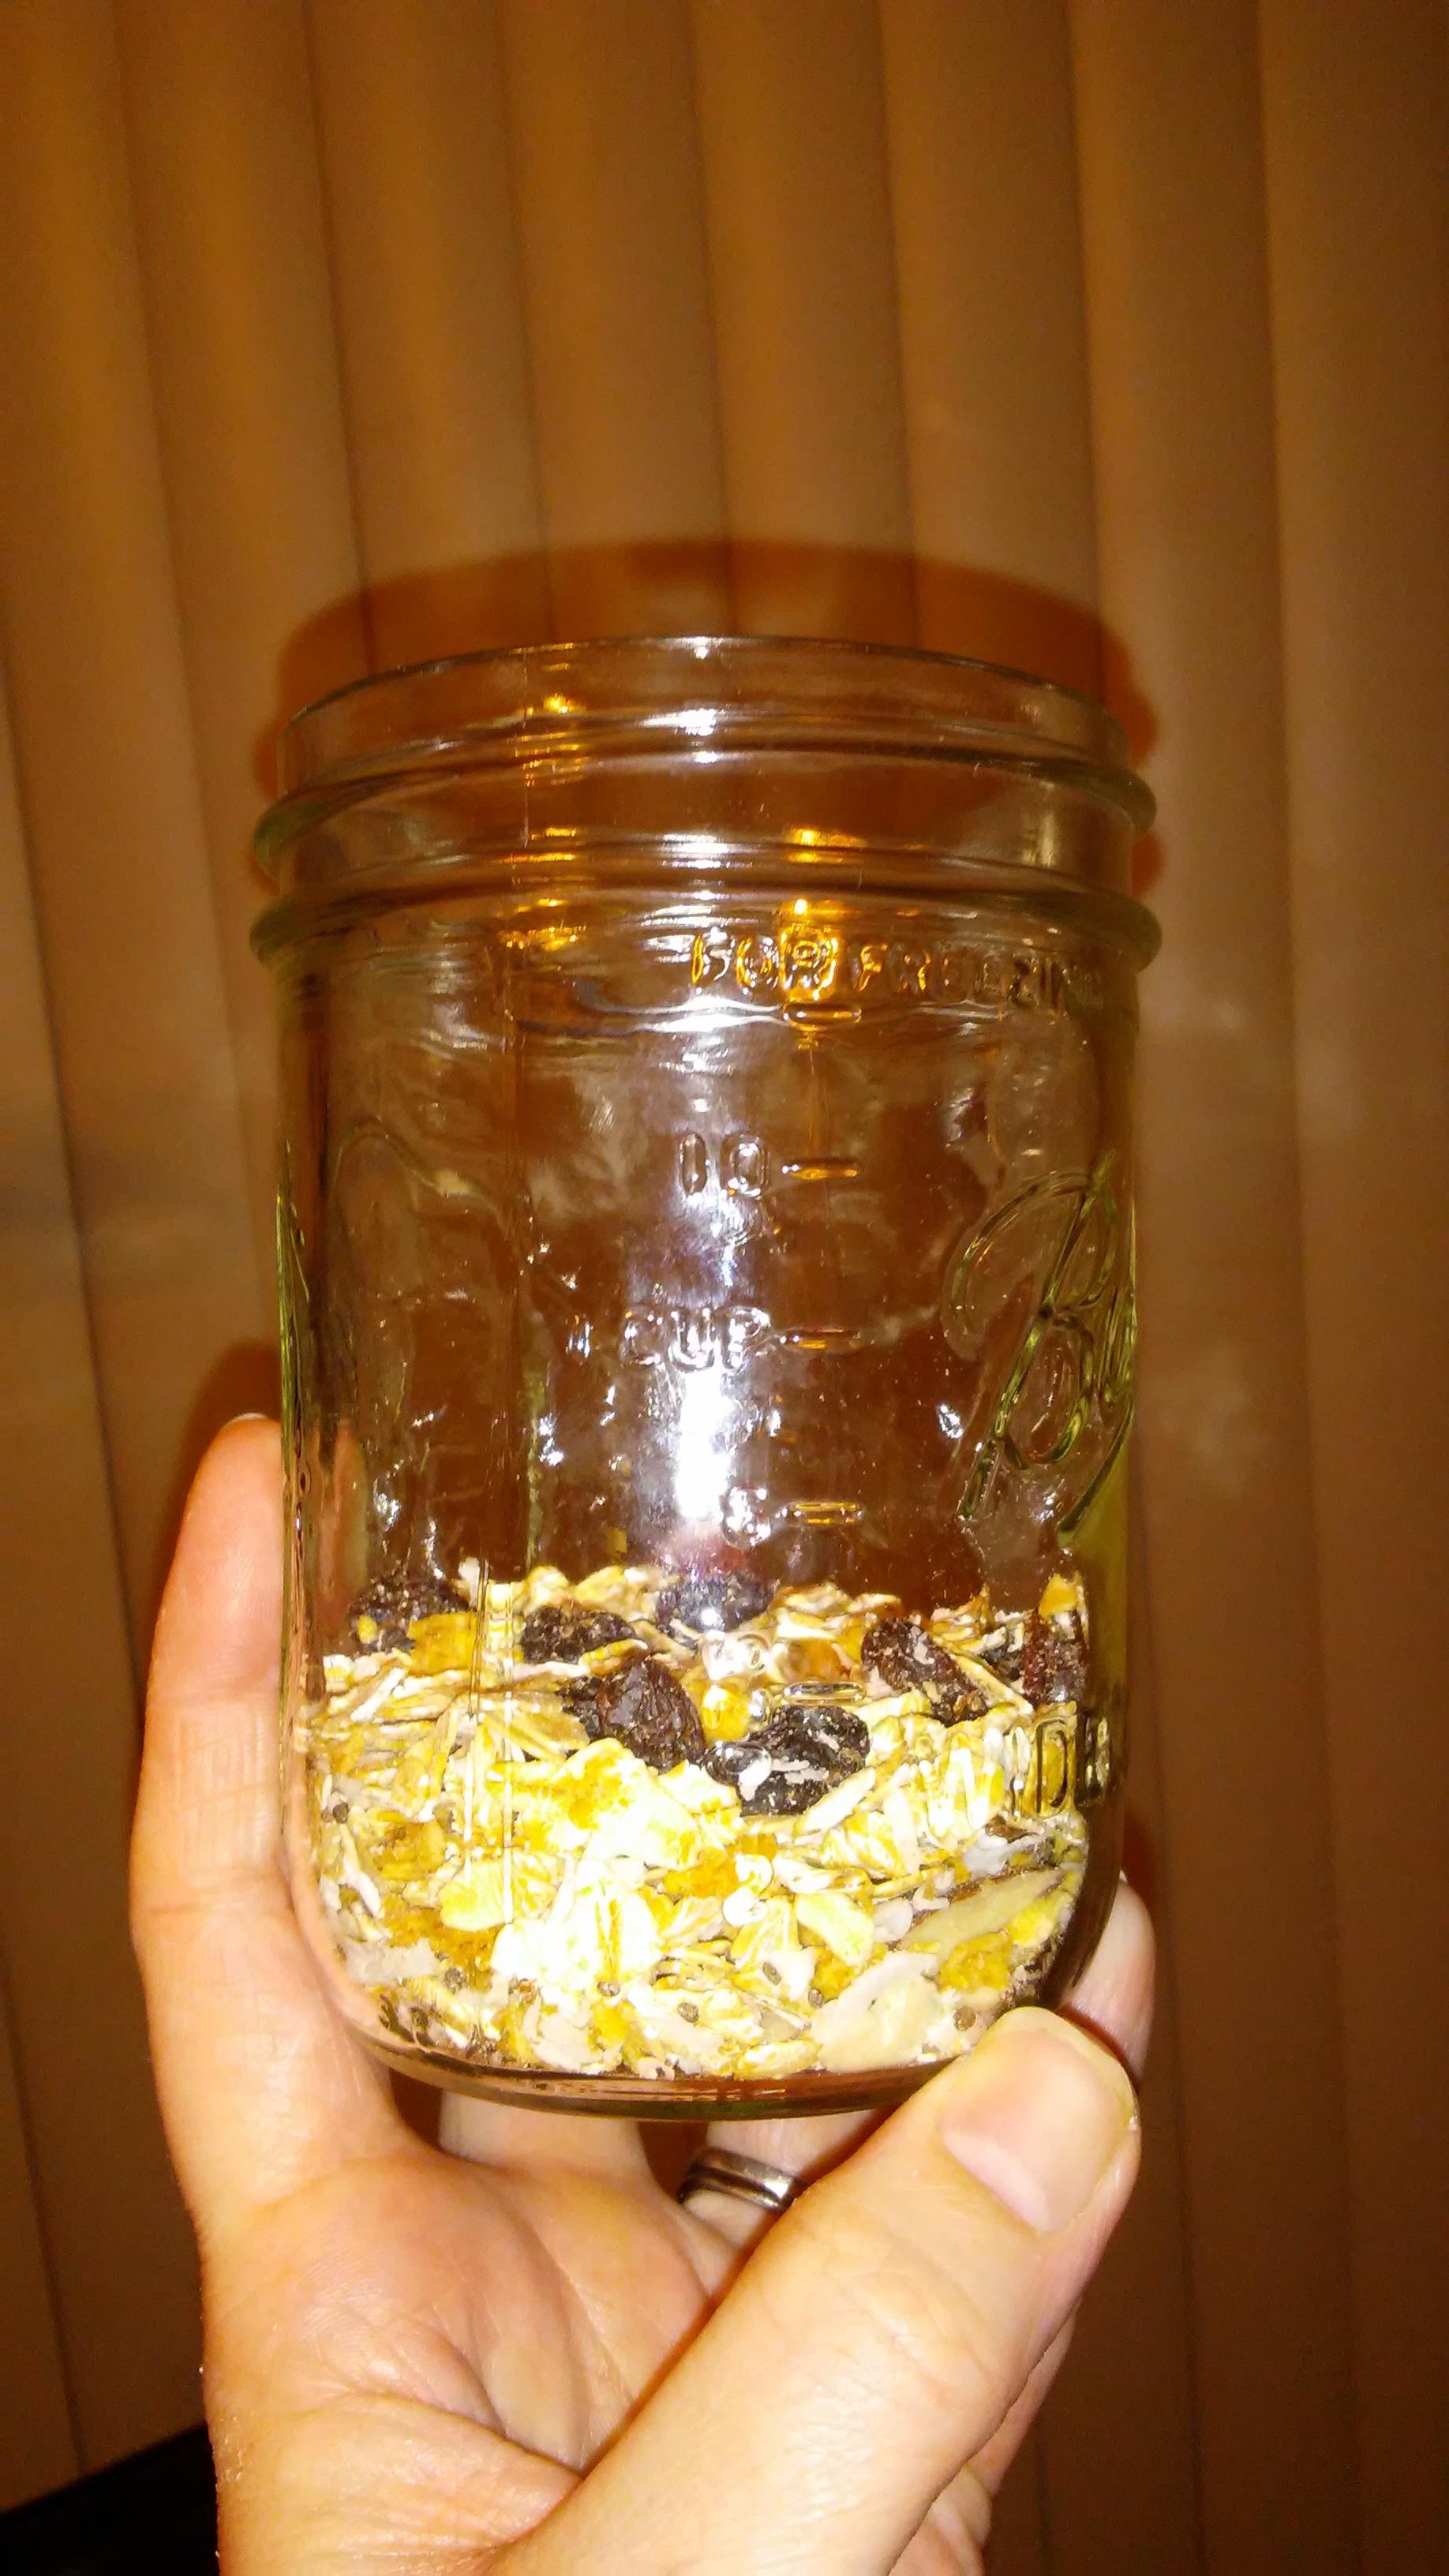 Oats in a pint jar